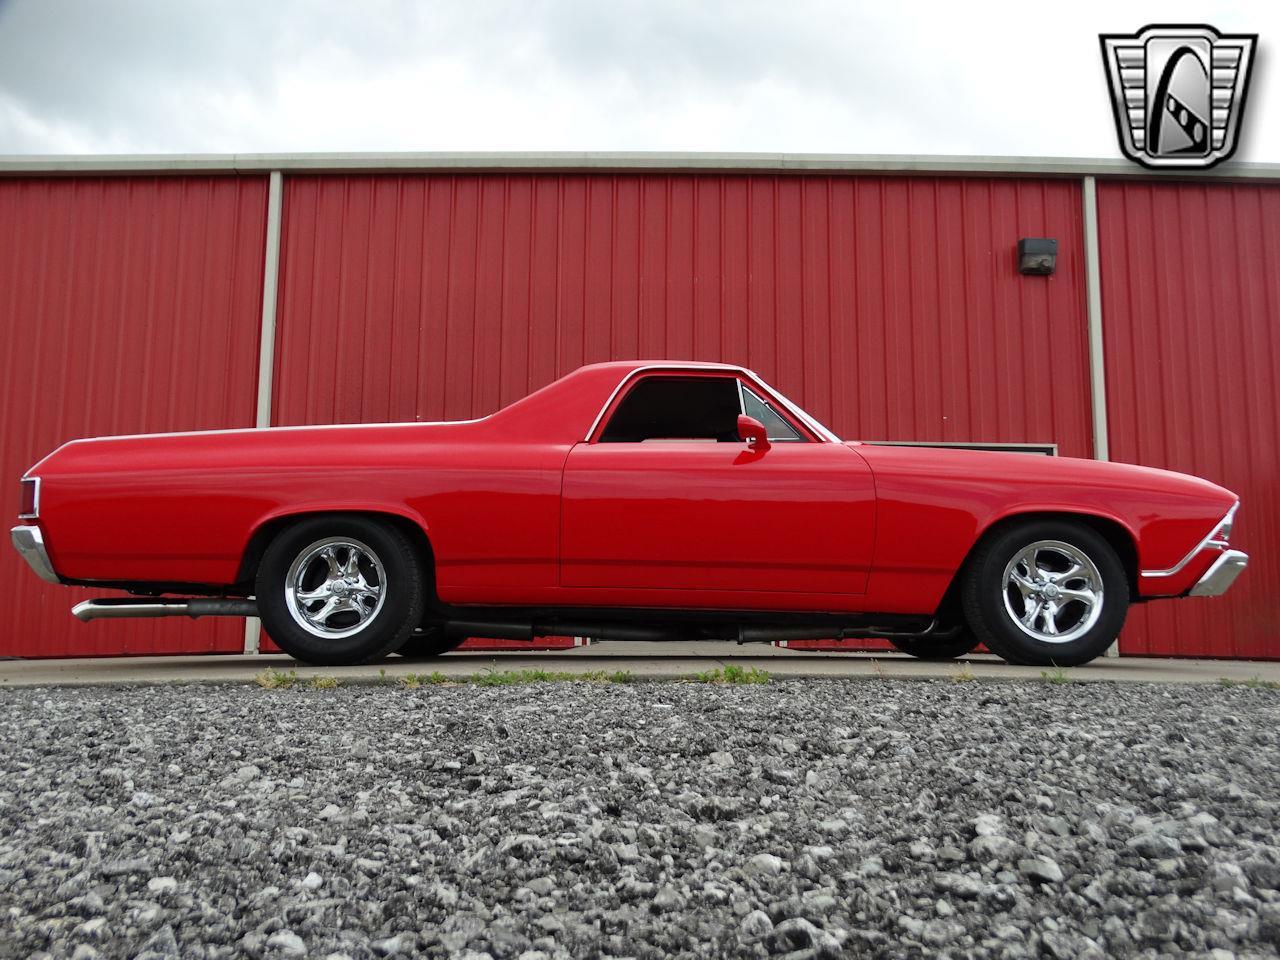 1968 Chevrolet El Camino (CC-1356977) for sale in O'Fallon, Illinois